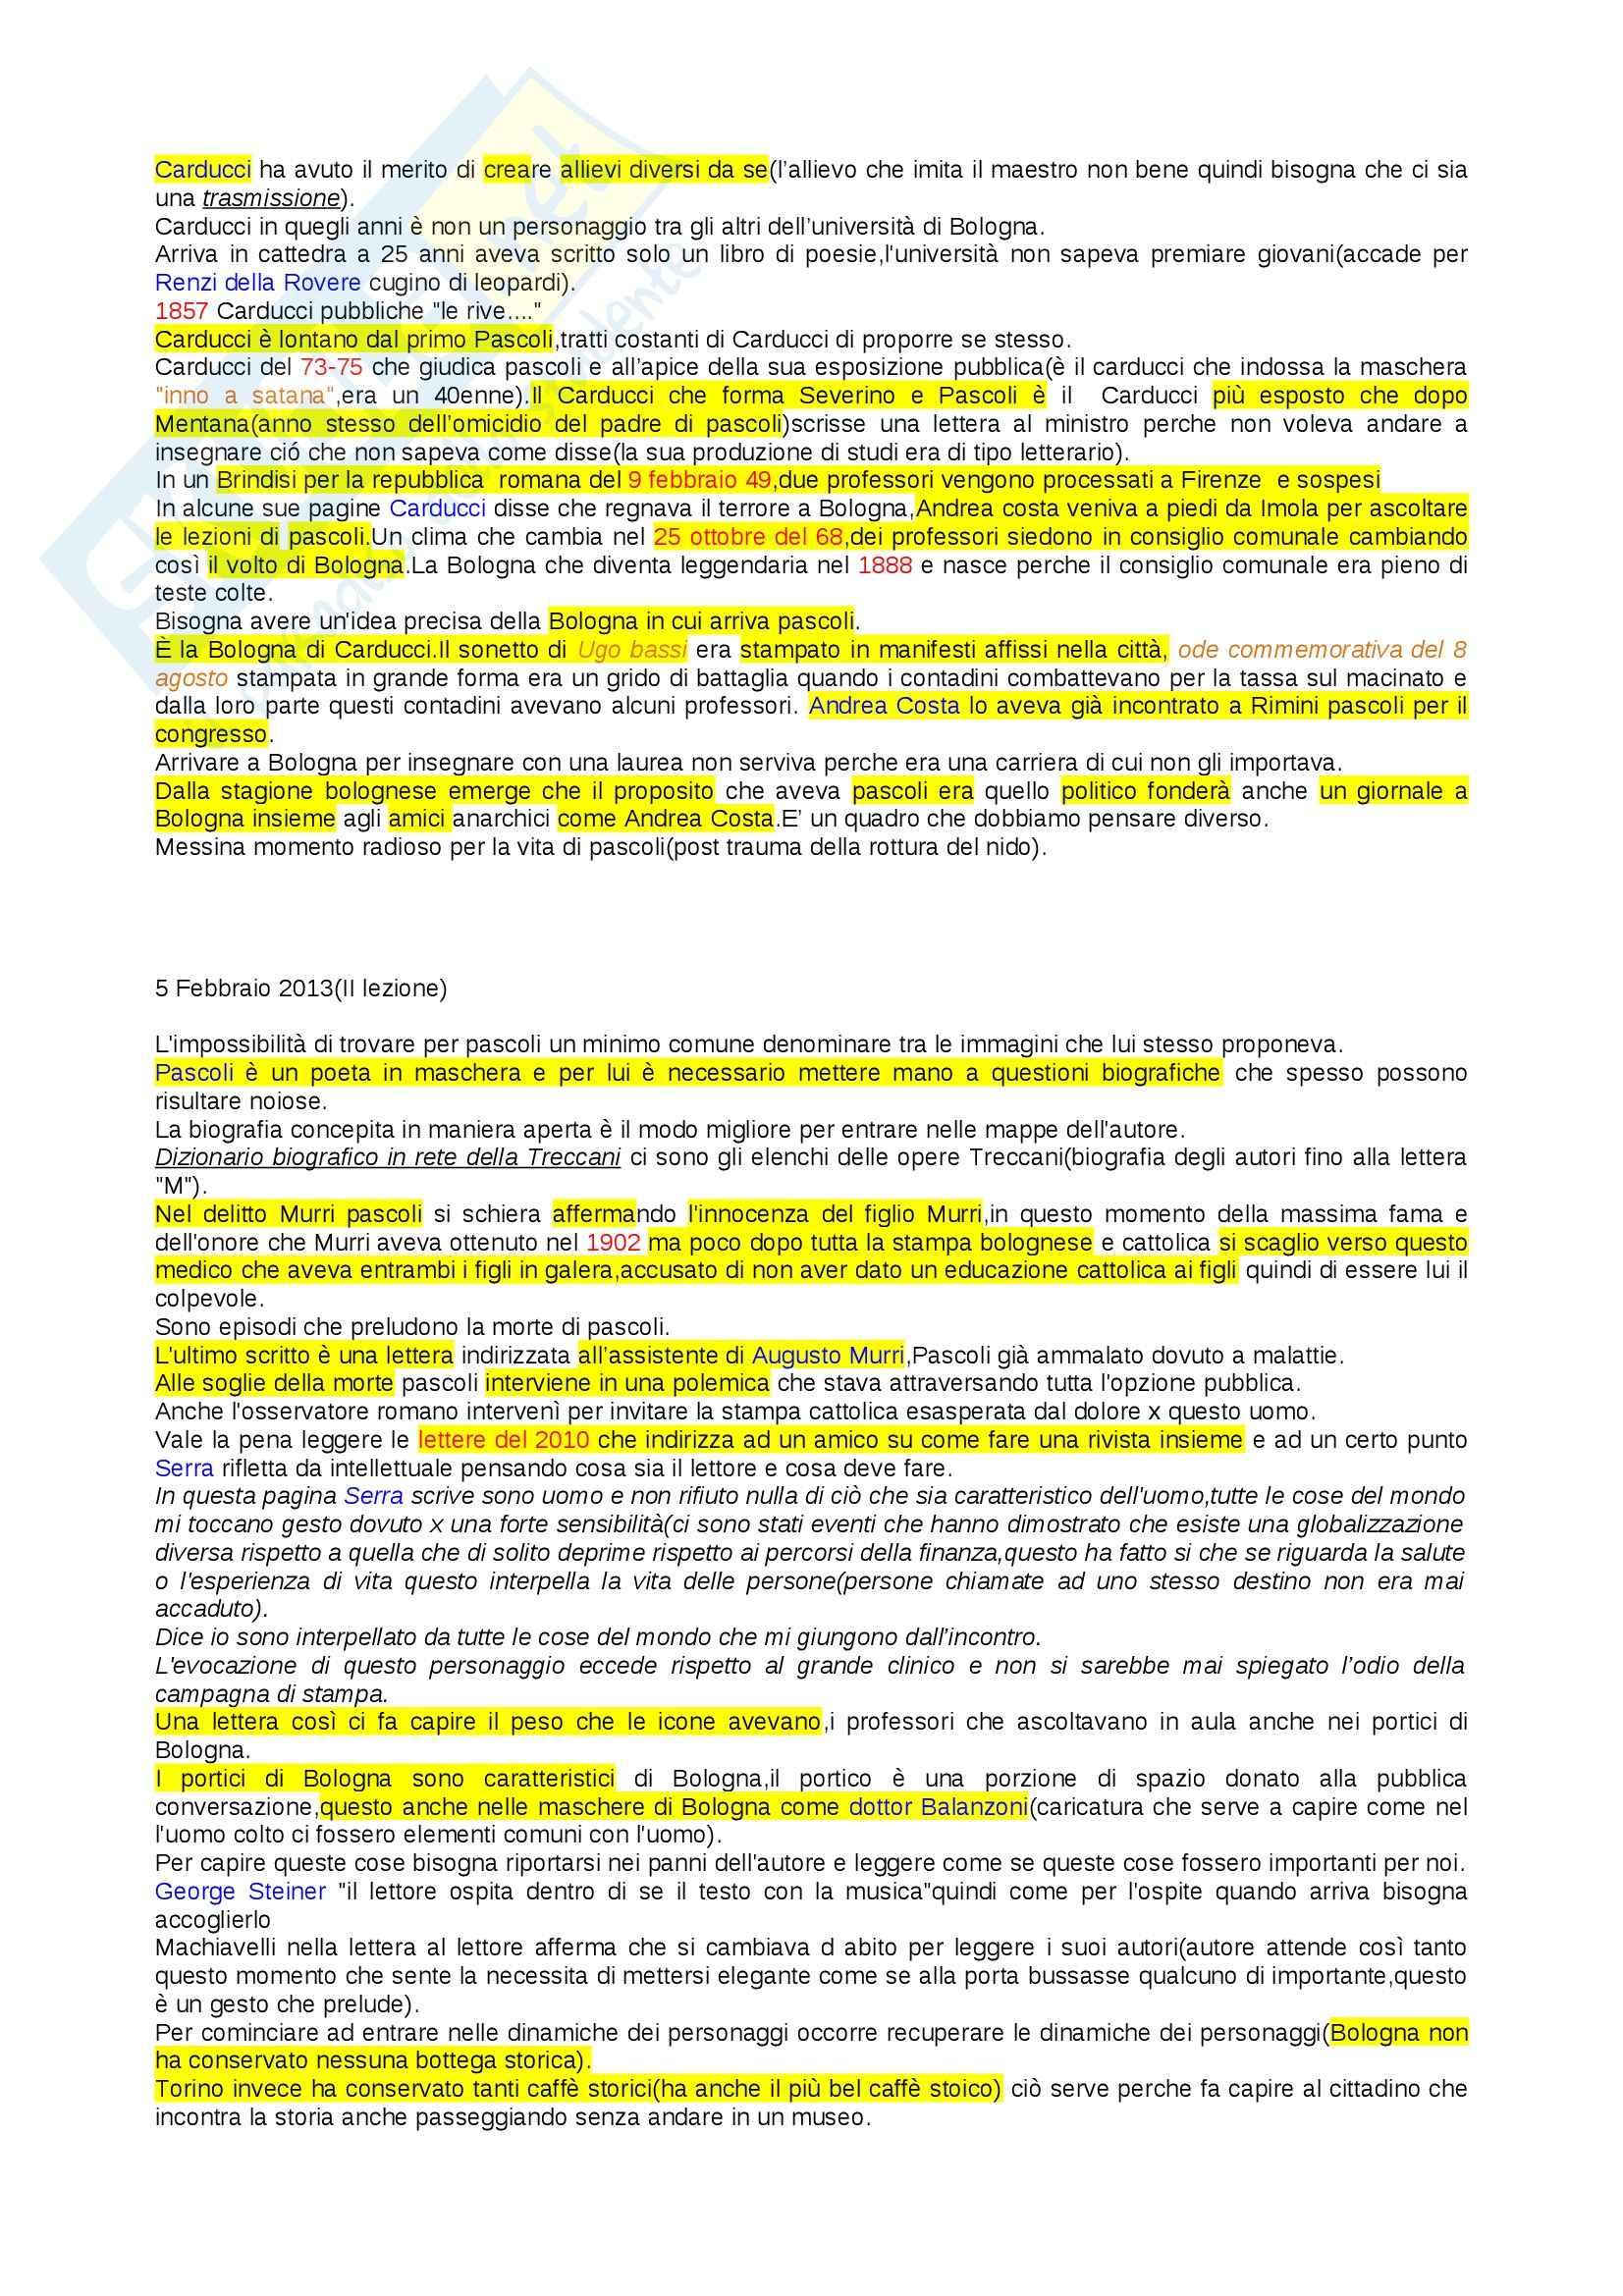 Lezioni, Letteratura italiana Pag. 2